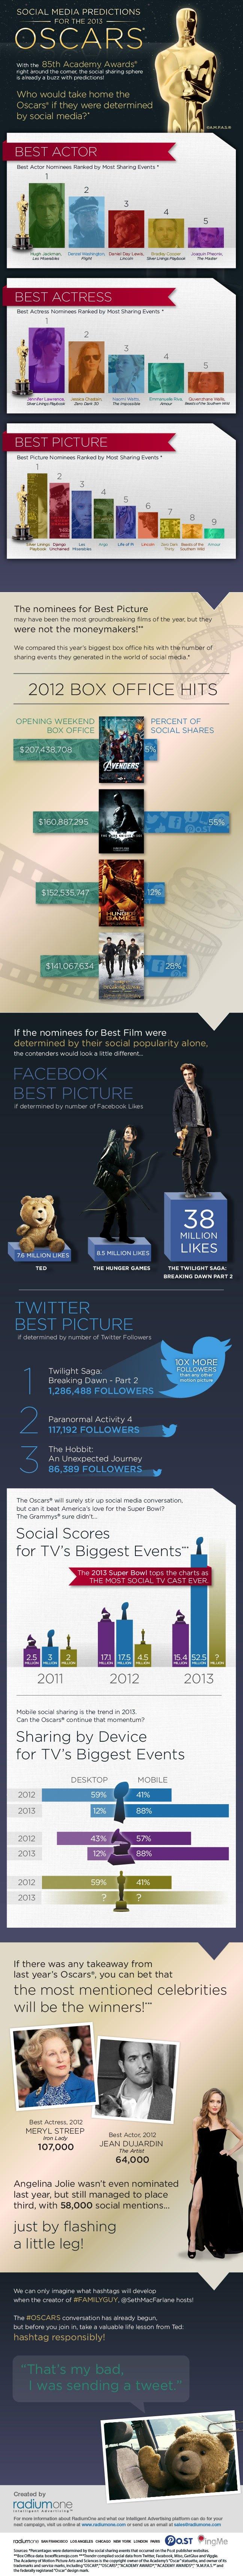 Predicciones Oscars 2013 según las Redes Sociales